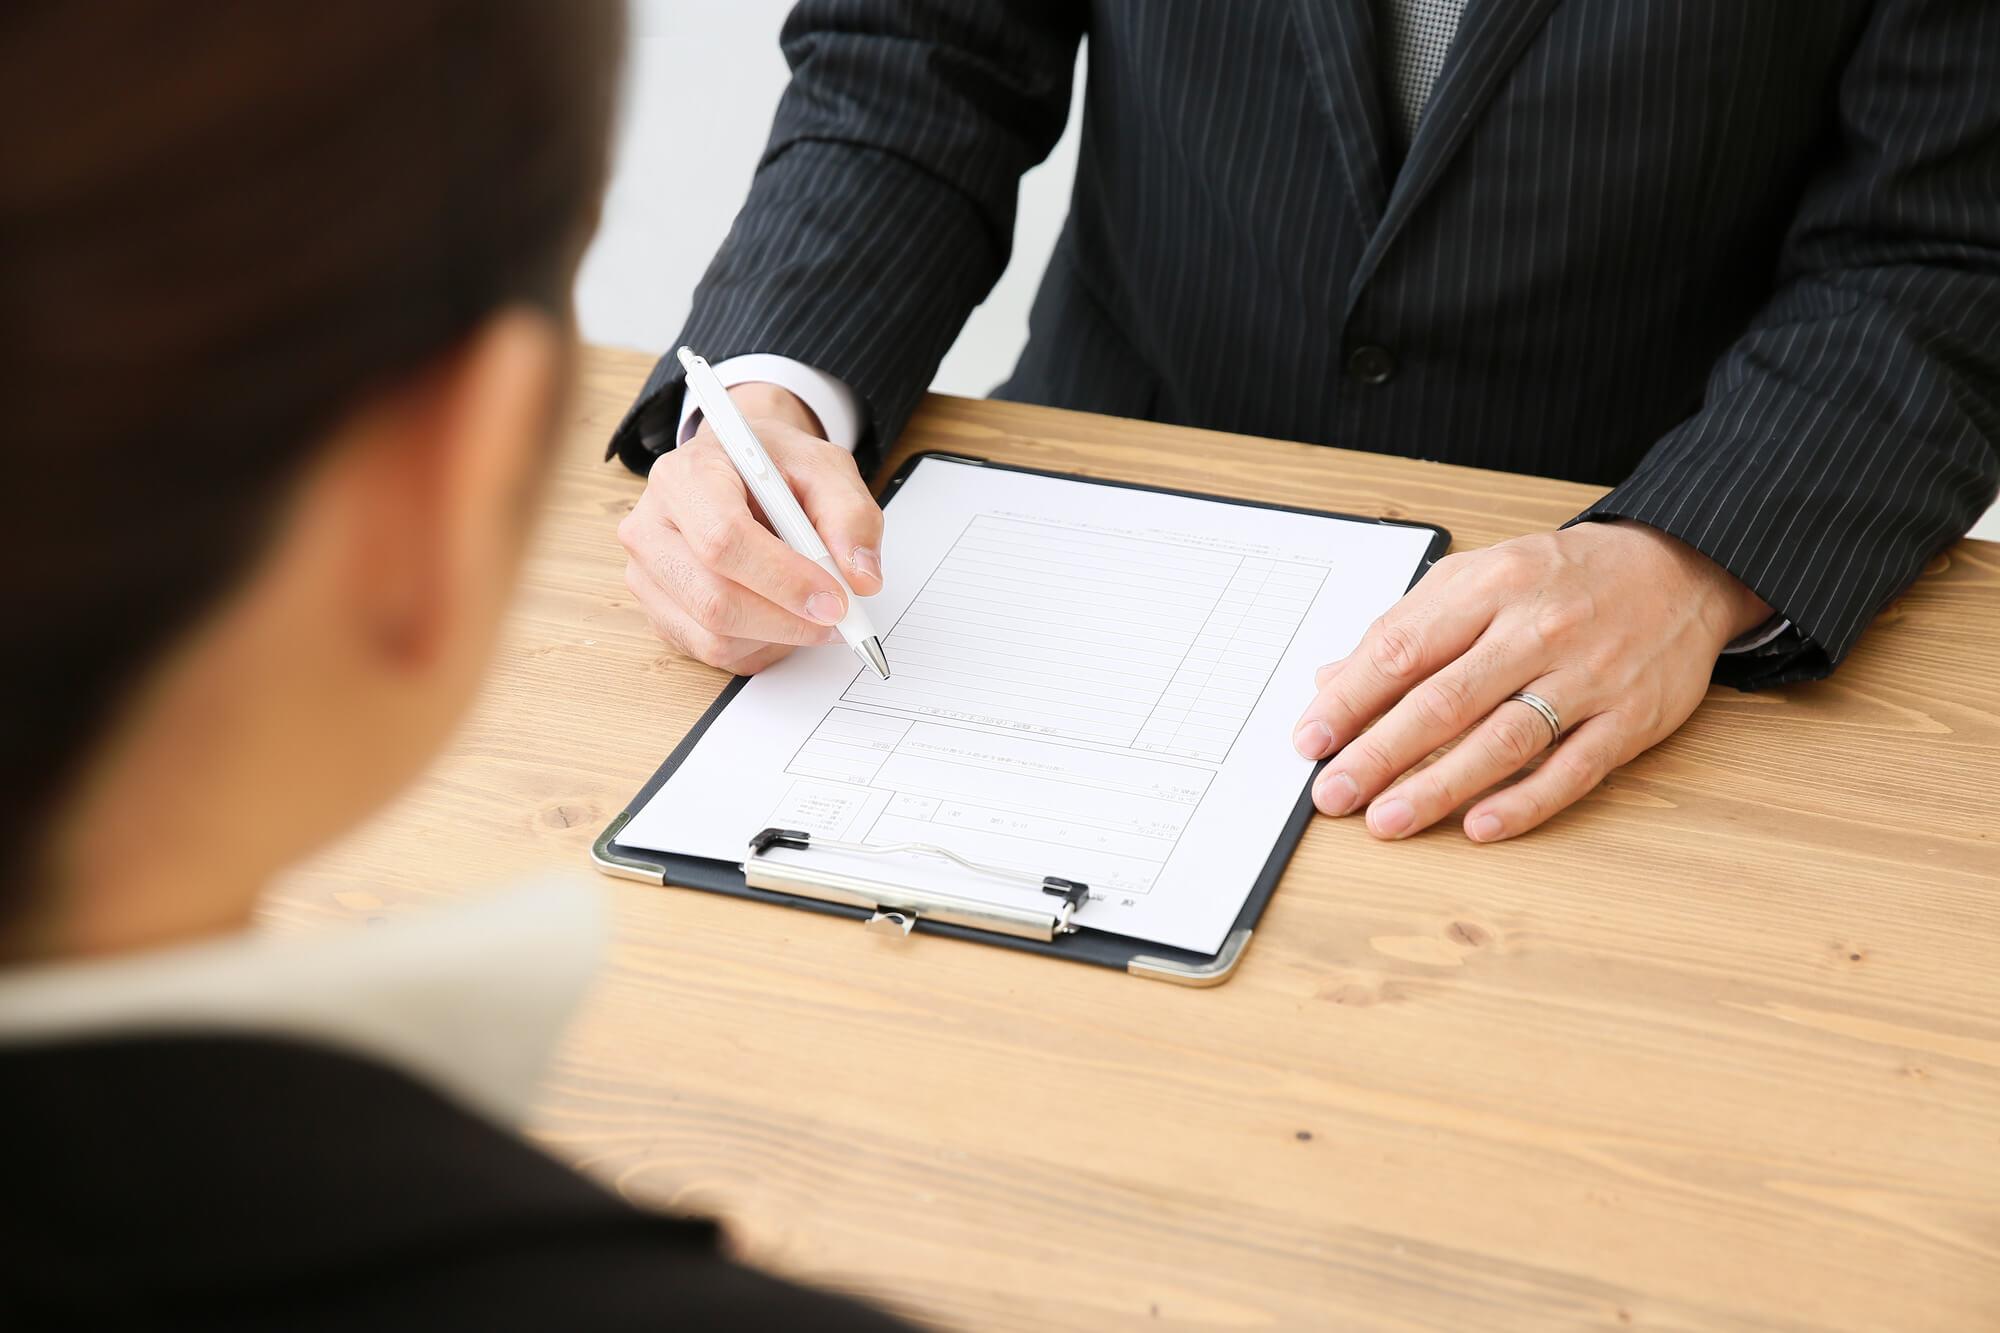 高卒は転職に不利なの!?高卒人材が転職を成功させるための方法!